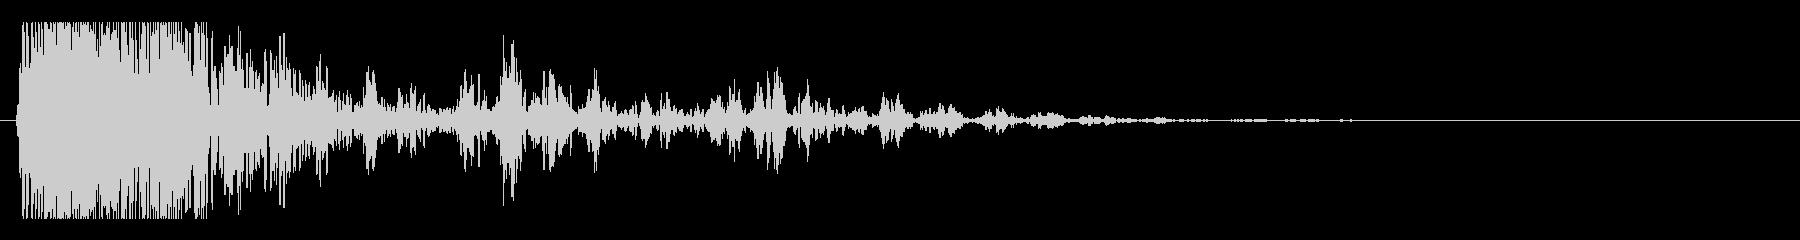 爆発・衝撃波・ソニックブーム11の未再生の波形